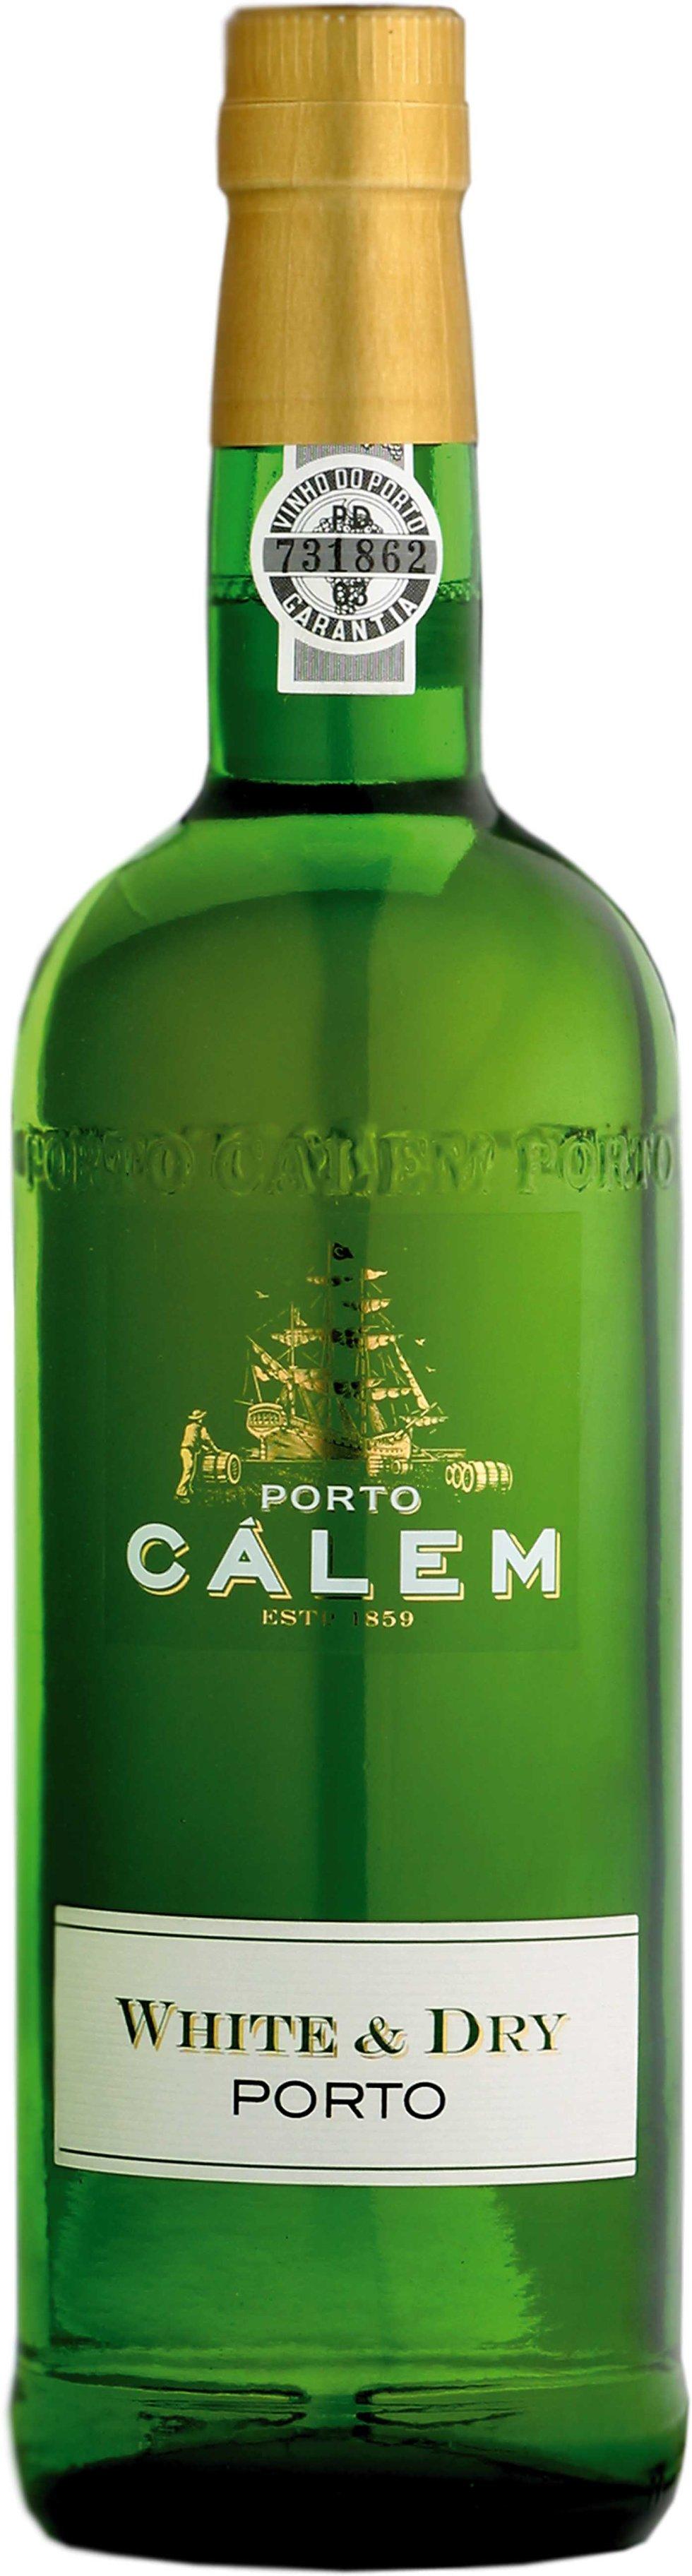 83015 Calem Porto White & Dry copy.jpg